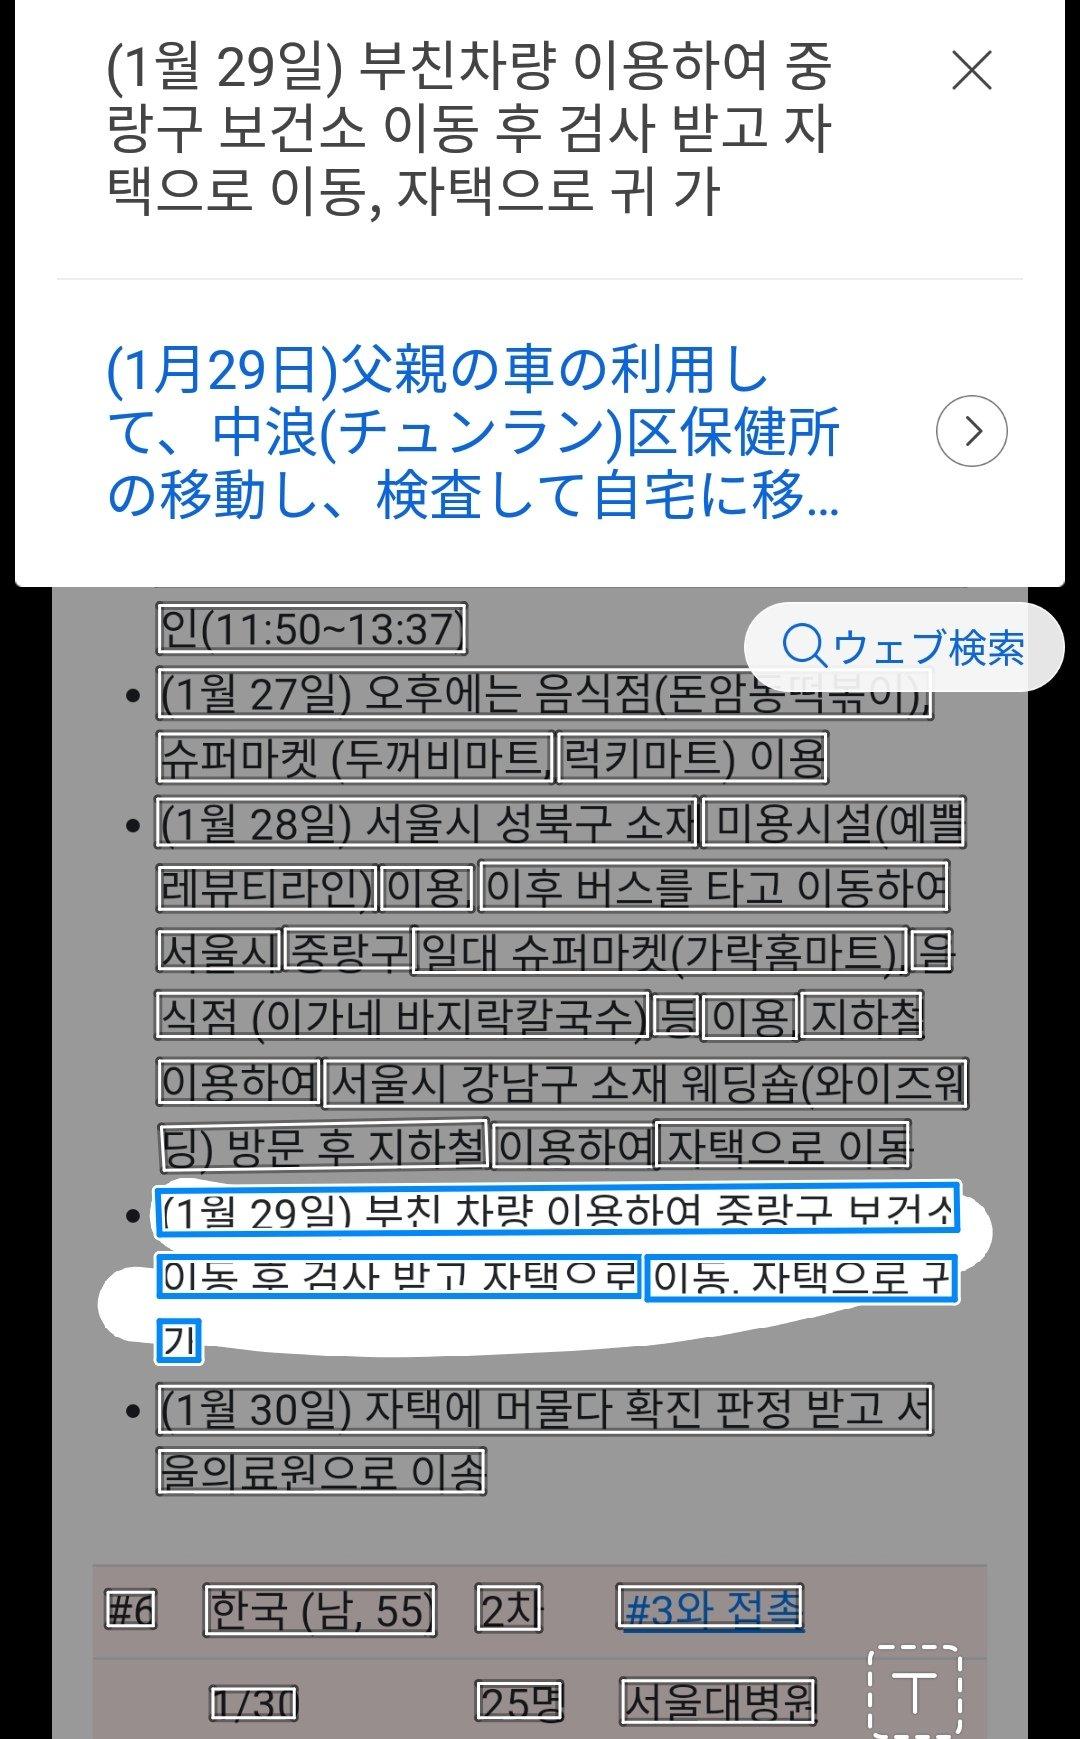 コロナウィルス 韓国旅行 韓国情報 渡韓情報 Papago